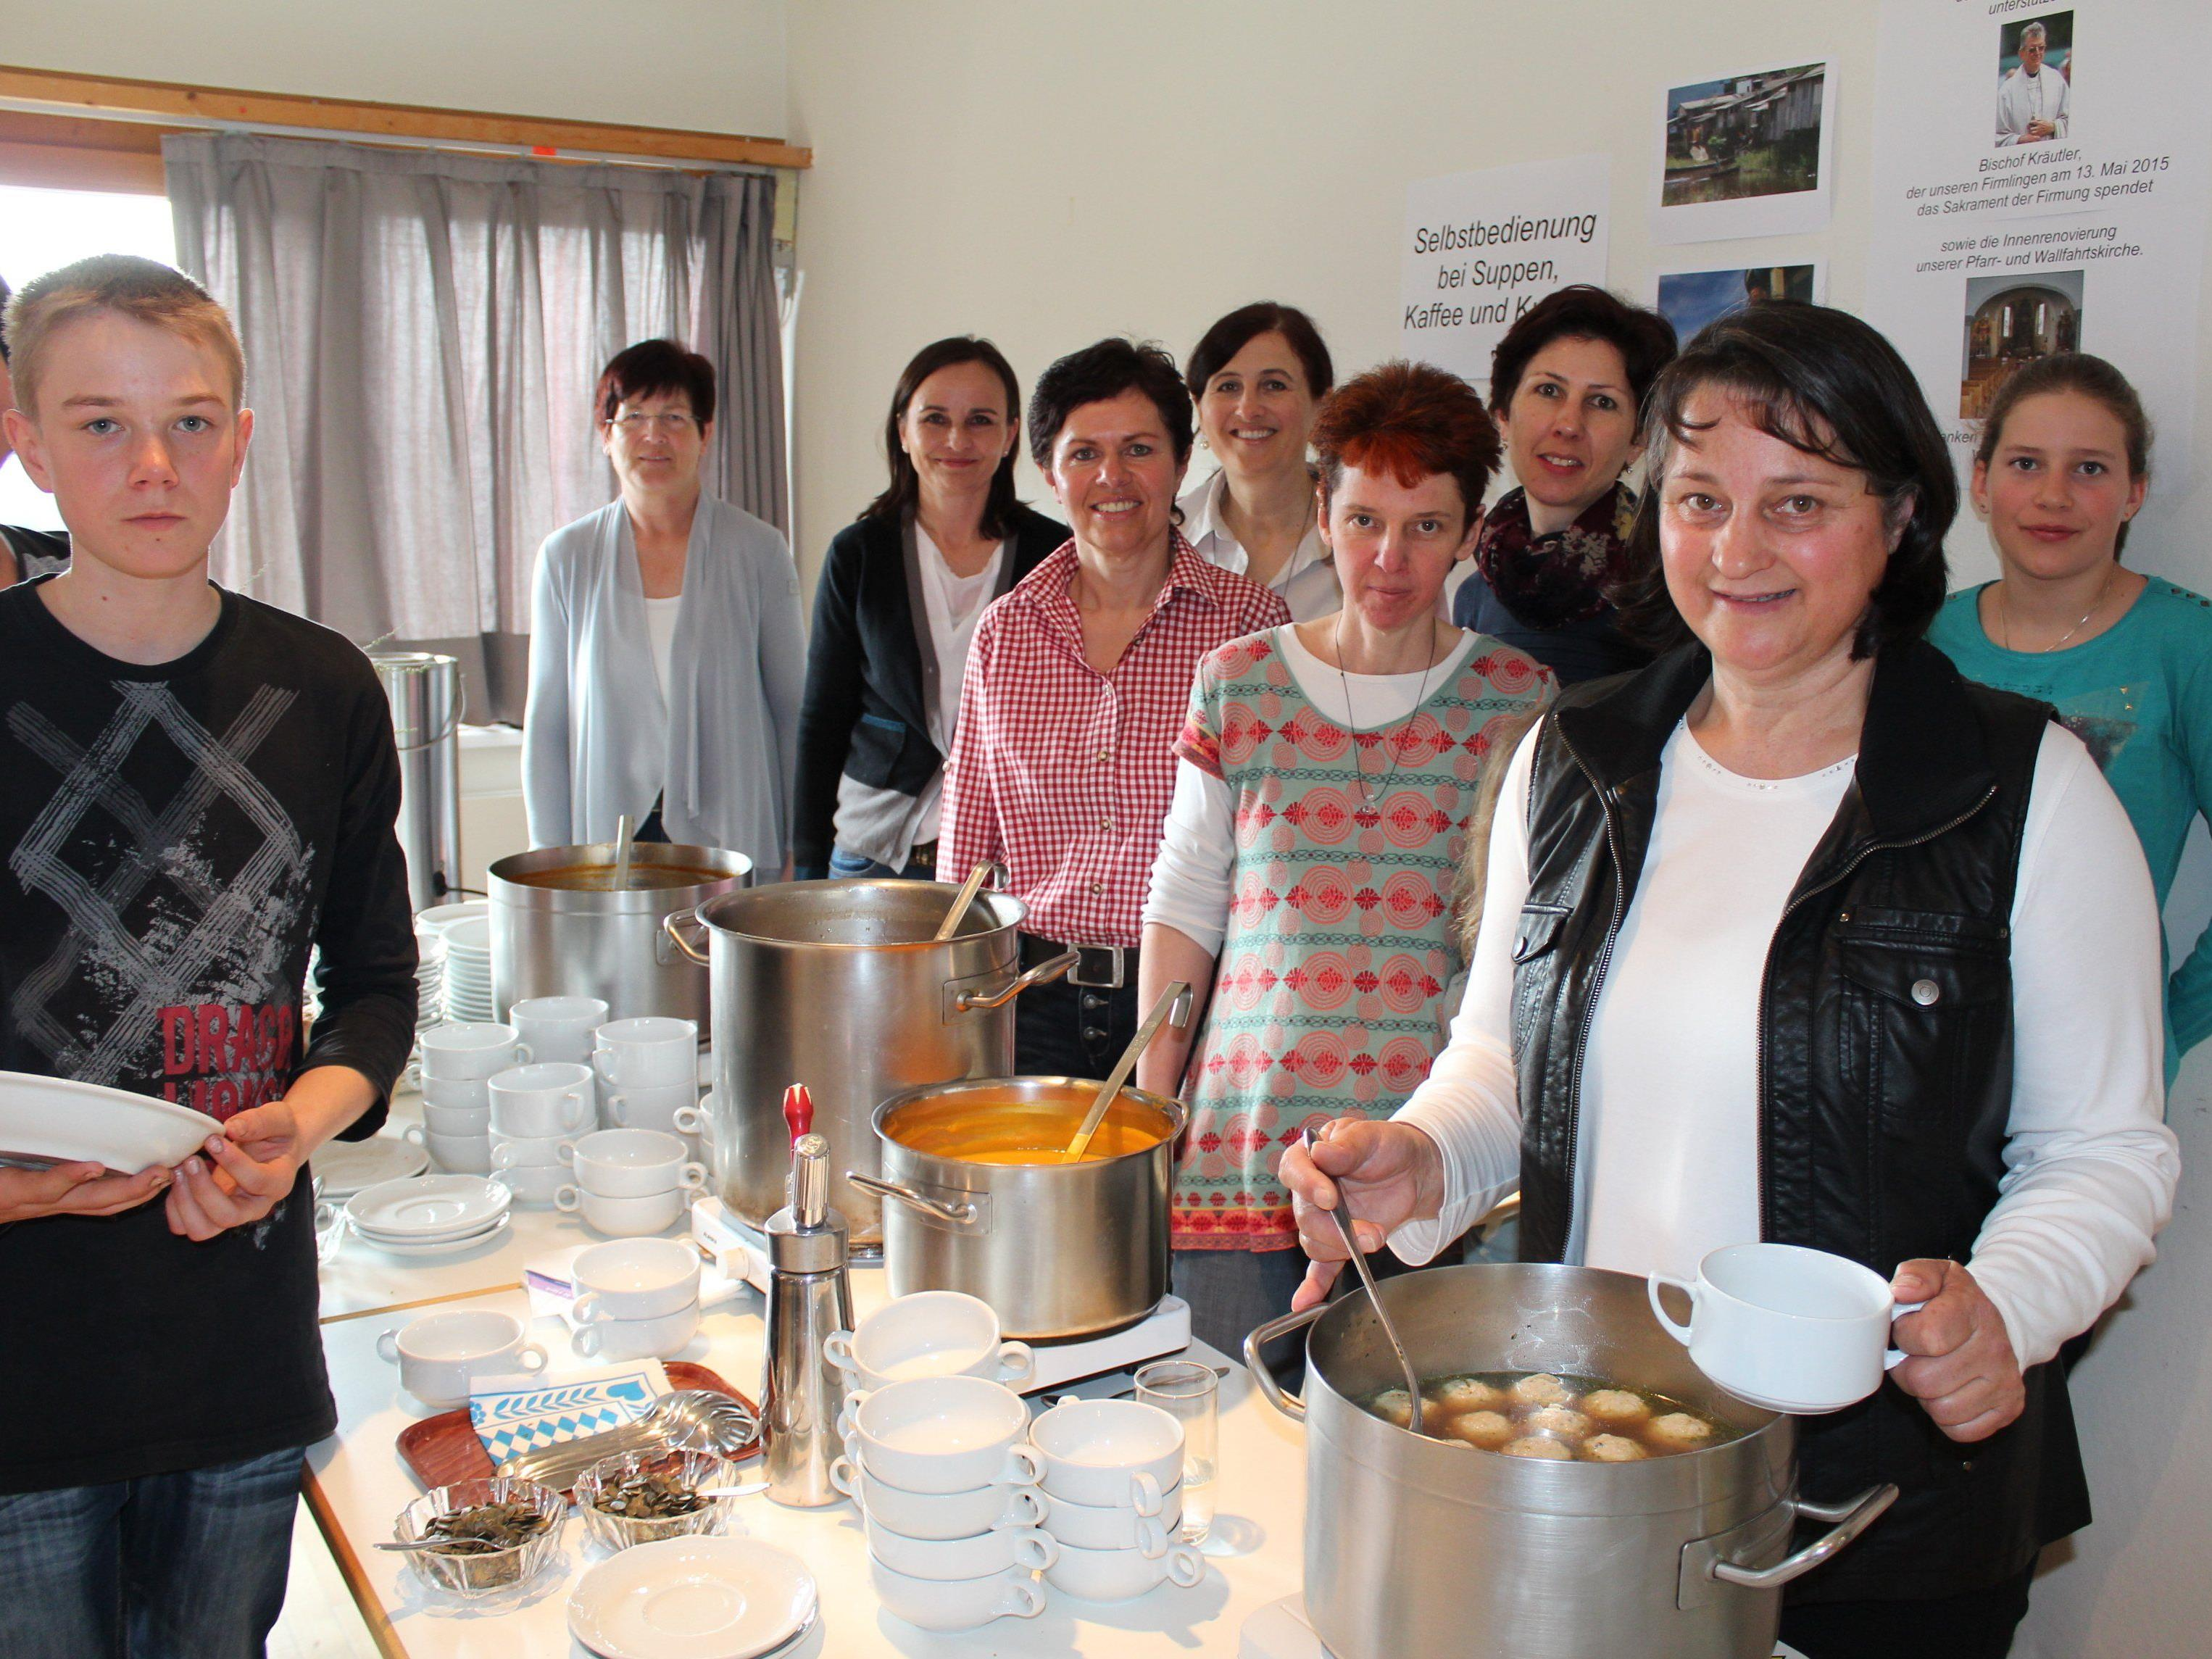 Das Team vom Pfarrgemeinderat servierte verschiedene Suppen und Kuchen.